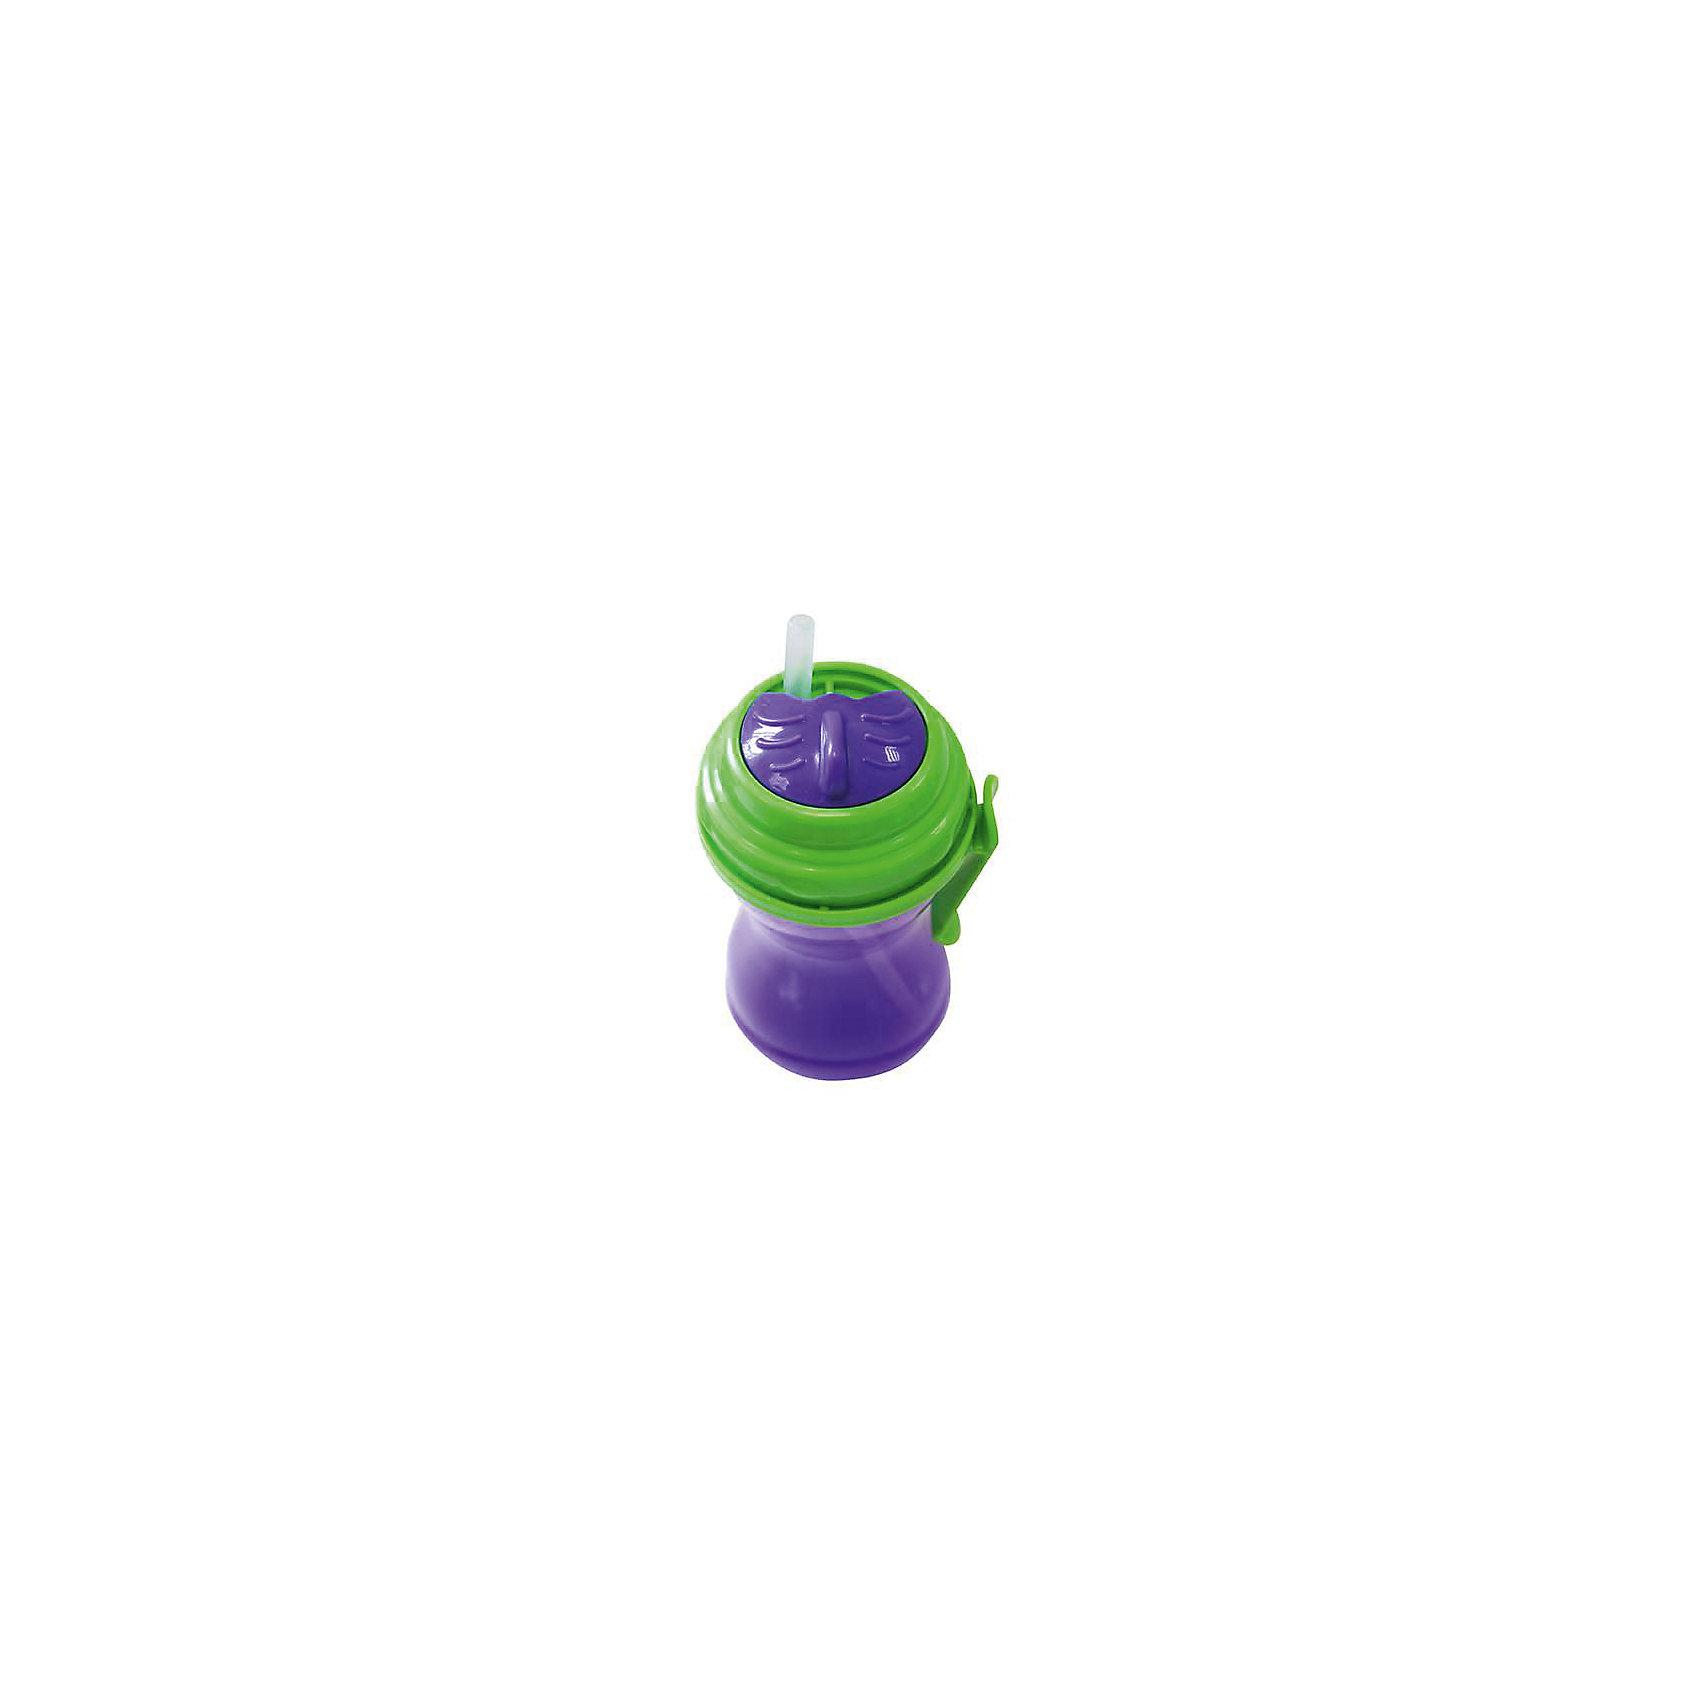 Поильник-непроливайка Twist с трубочкой от 6 мес., 320 мл., LUBBY, фиолетовыйПоильники<br>Поильник-непроливайка Twist с трубочкой от 6 мес., 320 мл., LUBBY, фиолетовый.<br><br>Характеристики:<br><br>- Объем: 320 мл.<br>- Цвет: фиолетовый<br>- Материал поильника: полипропилен<br>- Материал трубочки: силикон<br>- Срок службы: поильник - 1год; силиконовая трубочка - 60 дней<br>- Уход: Перед первым использованием необходимо прокипятить изделие в течение 5 минут. В дальнейшем перед каждым использованием поильник необходимо мыть теплой водой с мылом, тщательно ополаскивать. Можно мыть в посудомоечной машине<br><br>Поильник-непроливайка Twist с трубочкой идеален в качестве первого поильника. Поильник оснащен специальной сдвигаемой крышечкой Twist, которая предохраняет трубочку от загрязнений. Форма поильника с узкой талией подойдет для малышей, которые еще только учатся самостоятельно пить. Клипса позволяет прикрепить поильник к коляске малыша, на ремень сумки, либо на пояс мамы. Поильник изготовлен из прочного полипропилена, безопасен для ребенка.<br><br>Поильник-непроливайку Twist с трубочкой от 6 мес., 320 мл., LUBBY, фиолетовый можно купить в нашем интернет-магазине.<br><br>Ширина мм: 190<br>Глубина мм: 70<br>Высота мм: 80<br>Вес г: 350<br>Возраст от месяцев: 6<br>Возраст до месяцев: 36<br>Пол: Унисекс<br>Возраст: Детский<br>SKU: 5039260